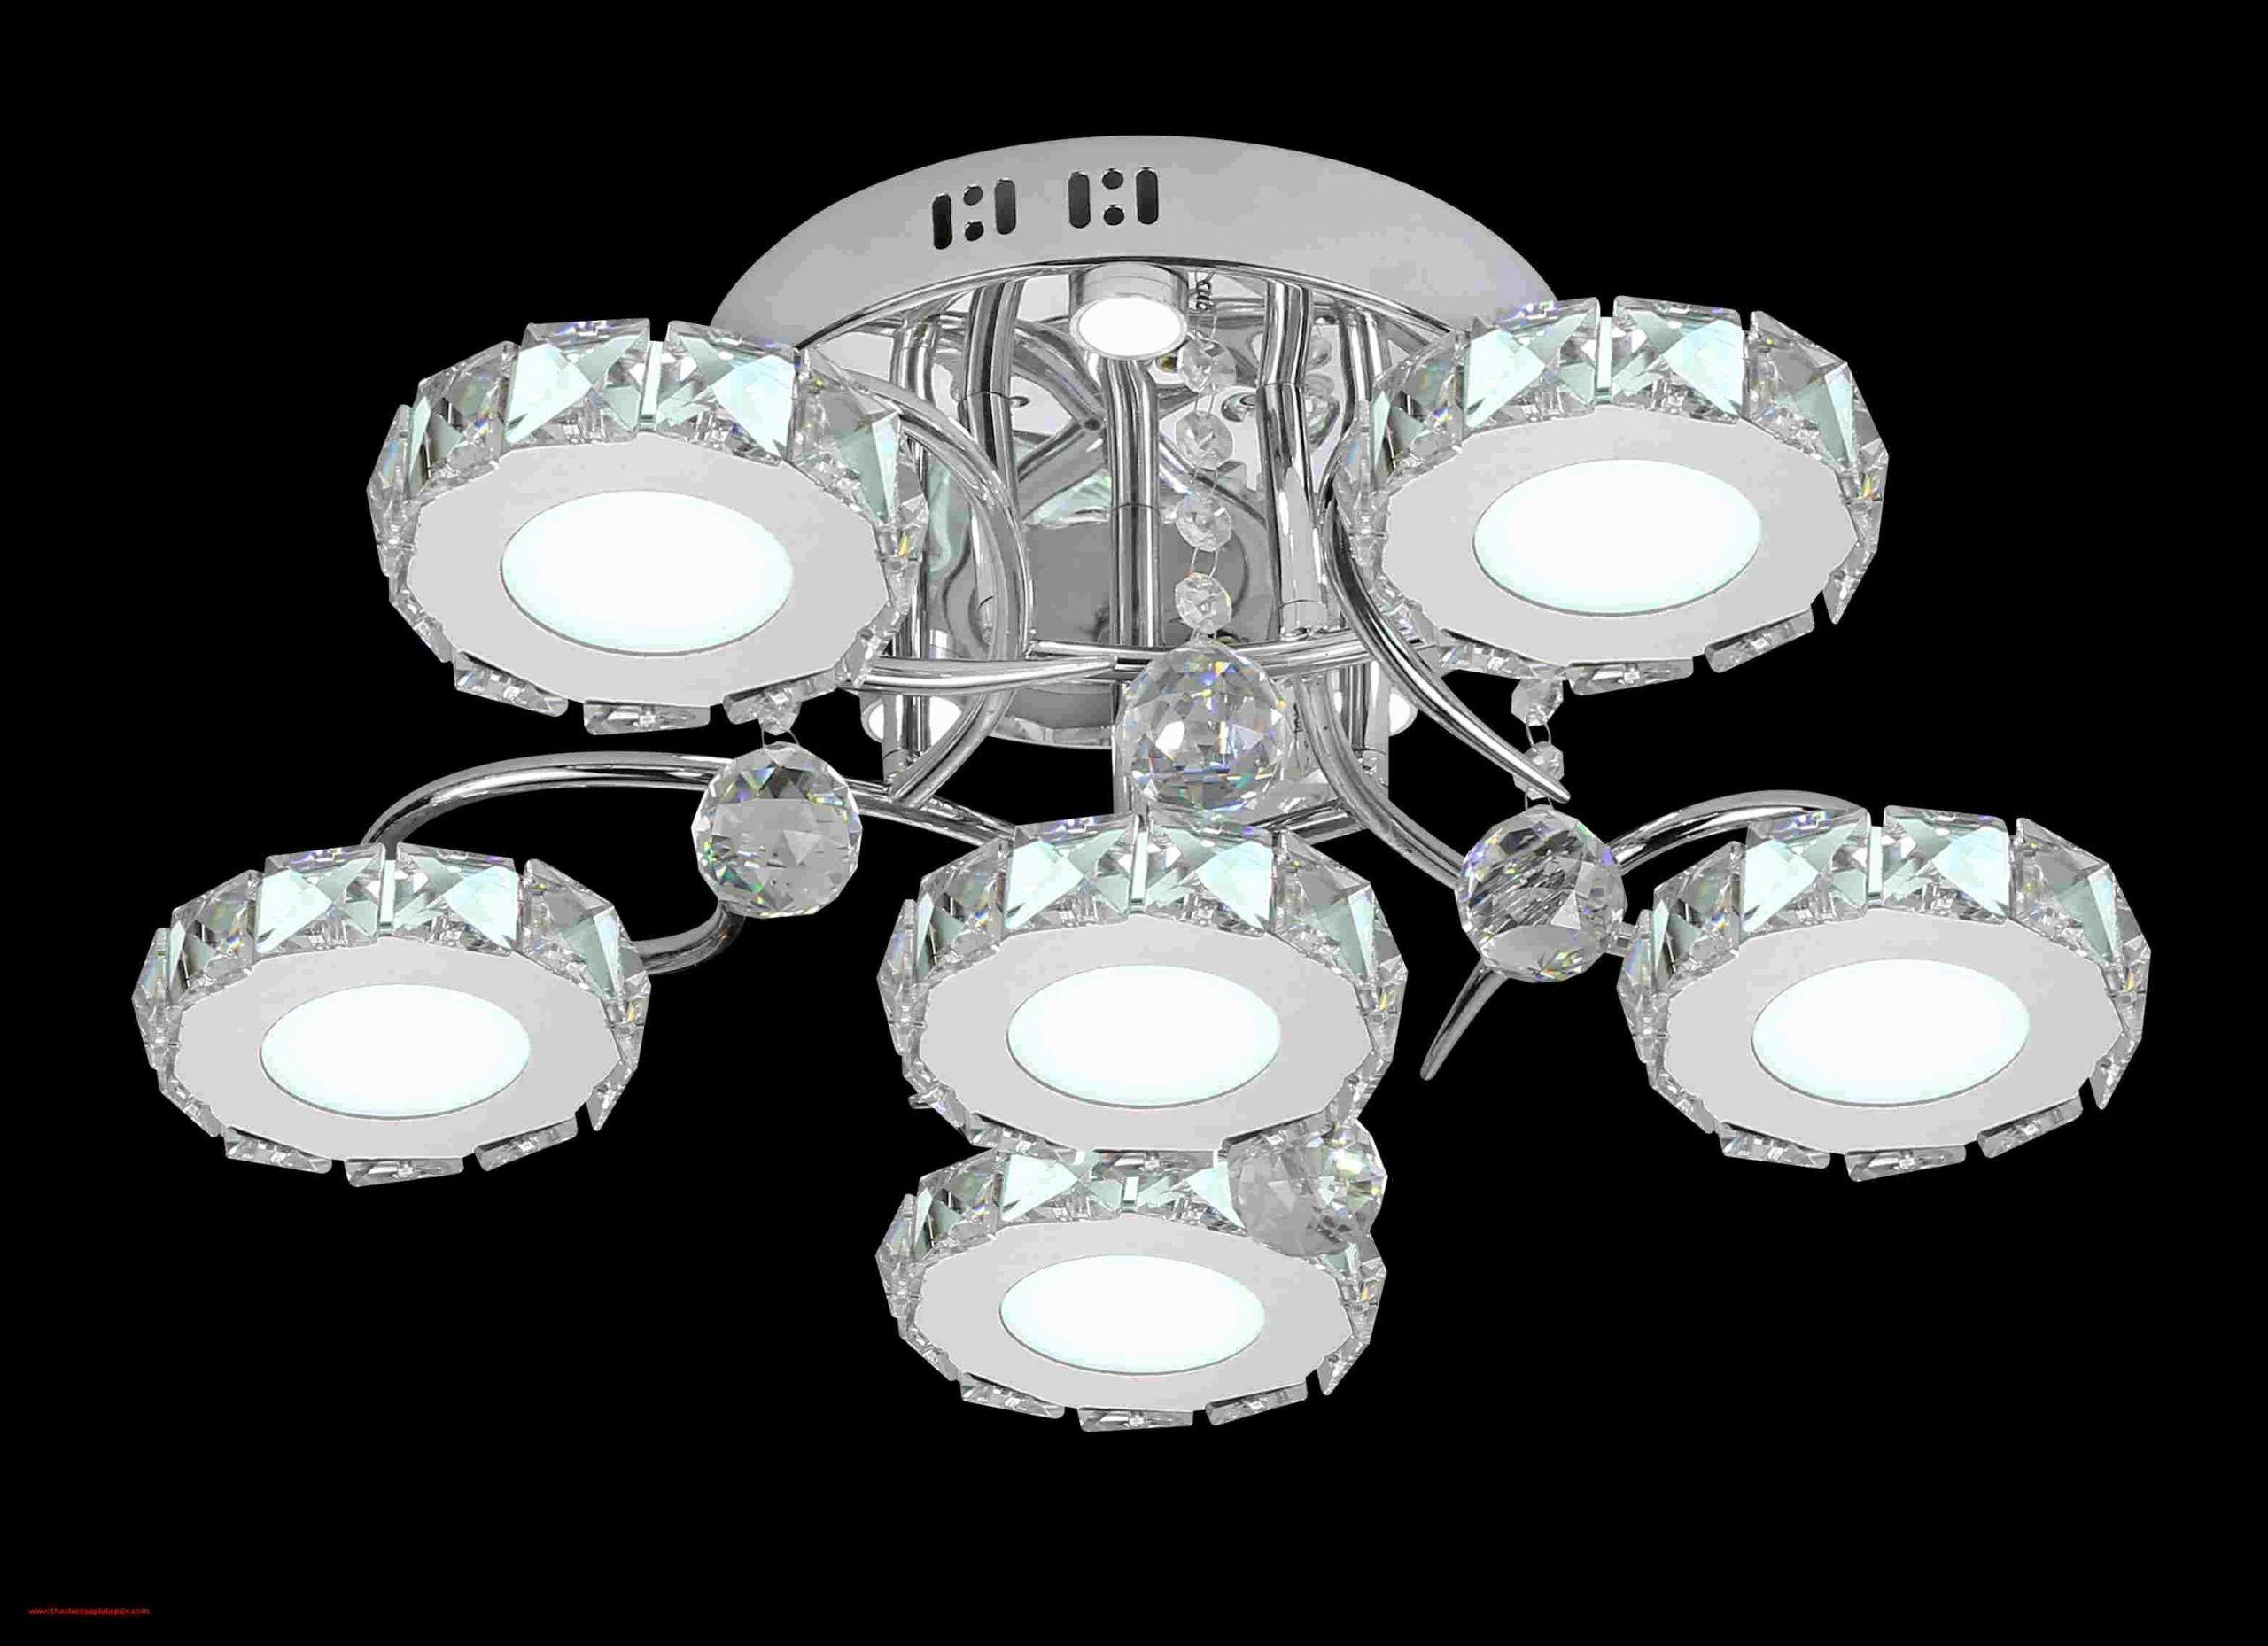 Full Size of Deckenlampe Led Dimmbar Deckenleuchte Farbwechsel Fernbedienung Wohnzimmer Rund Sternenhimmel Mit Test Lampe Amazon Ebay Anlernen Deckenlampen Schwarz Das Wohnzimmer Deckenlampe Led Dimmbar